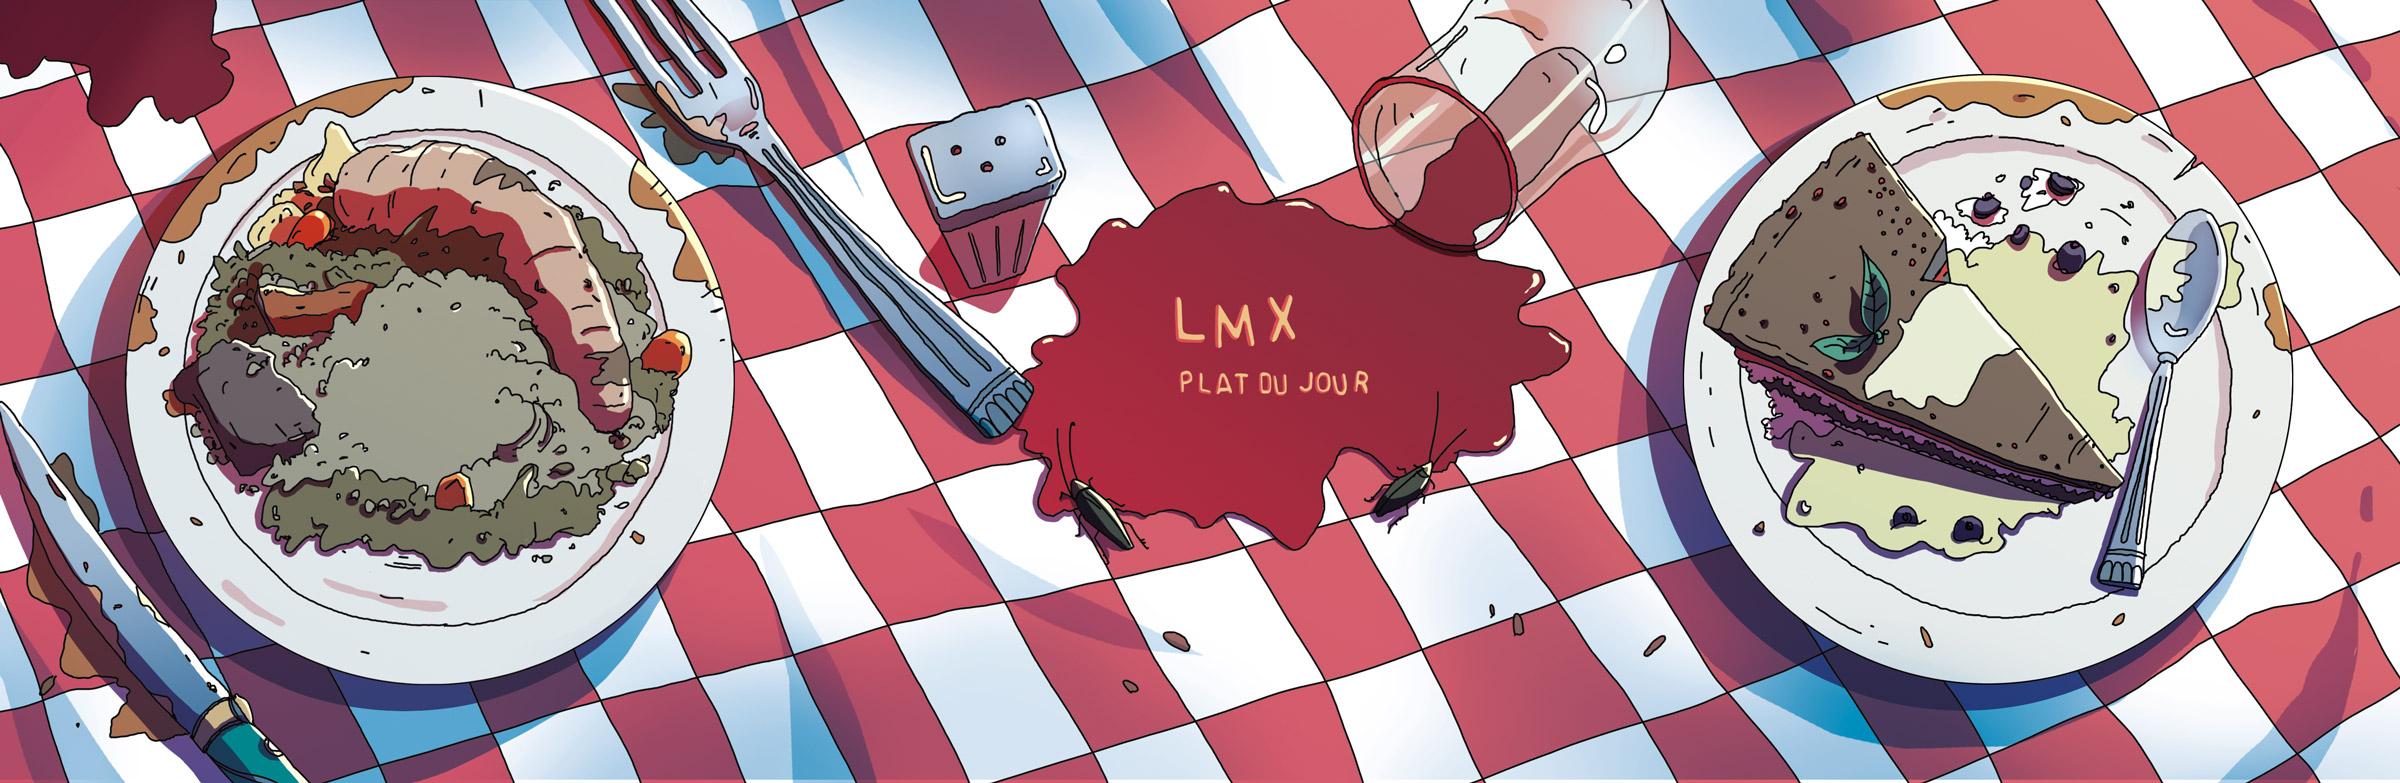 lmx - plat du jour - cd inside - romain laforet